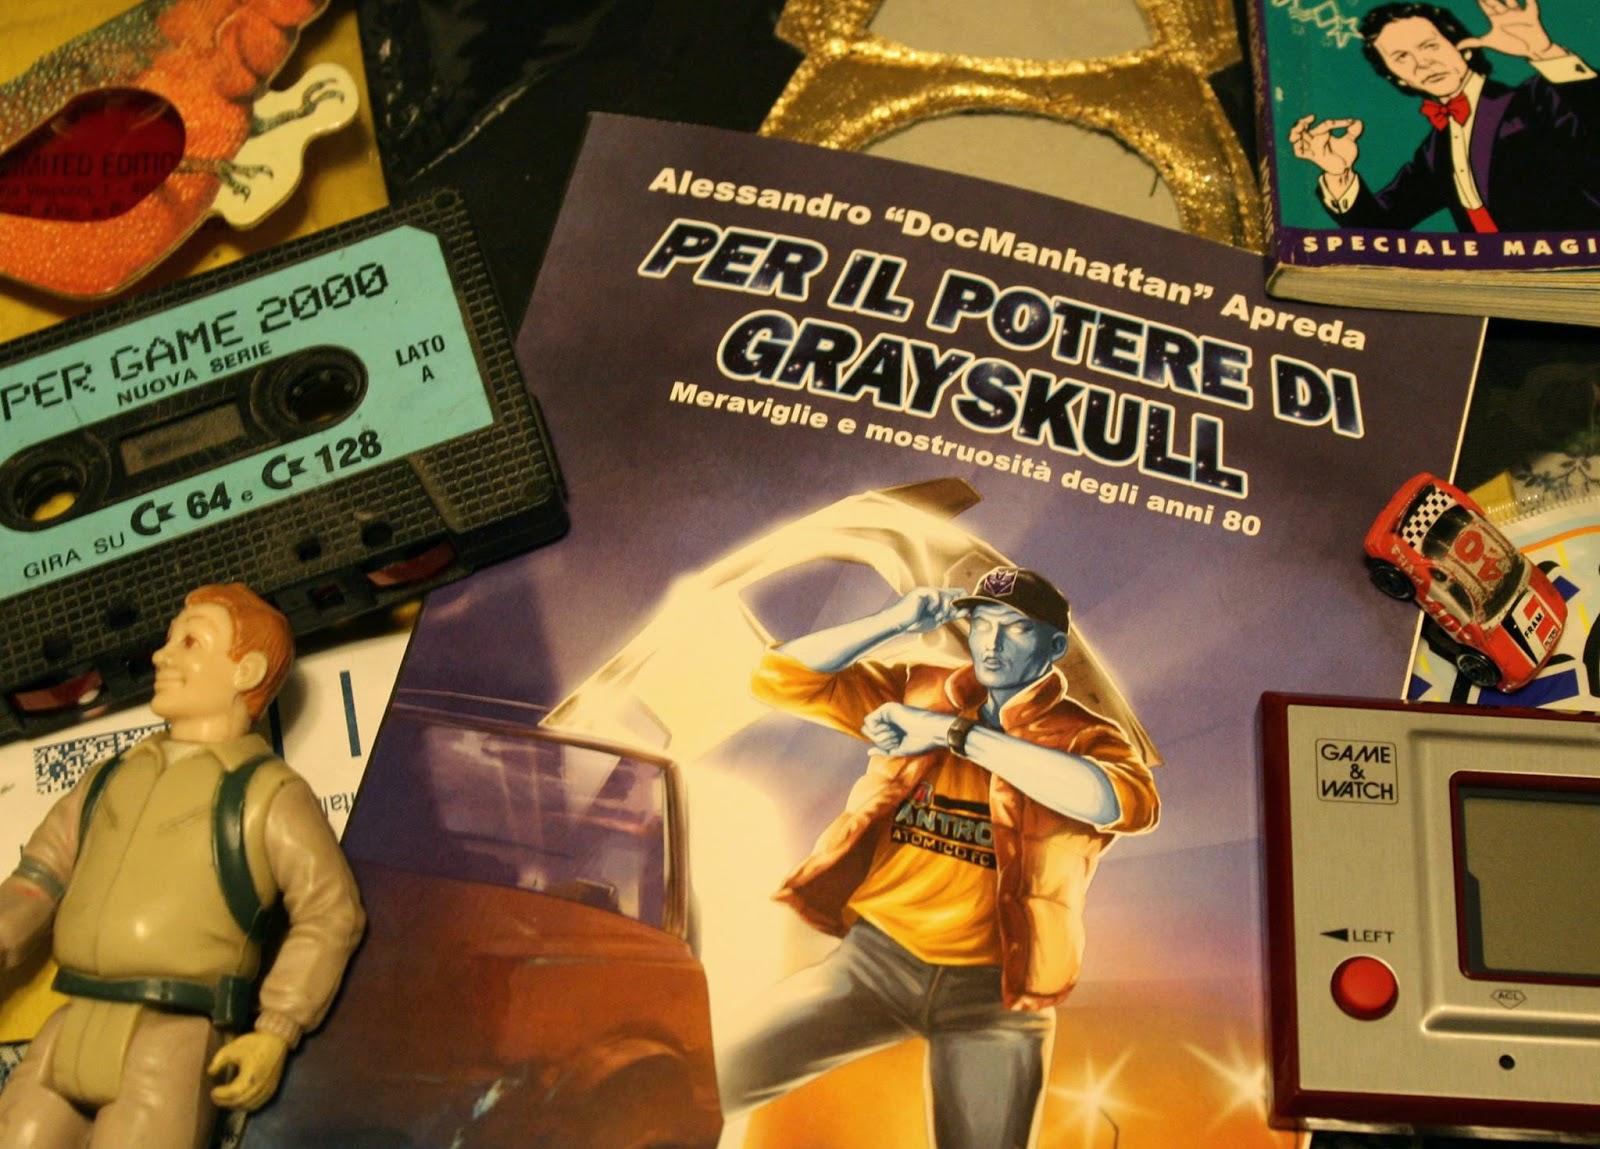 Per il potere di Grayskull libro